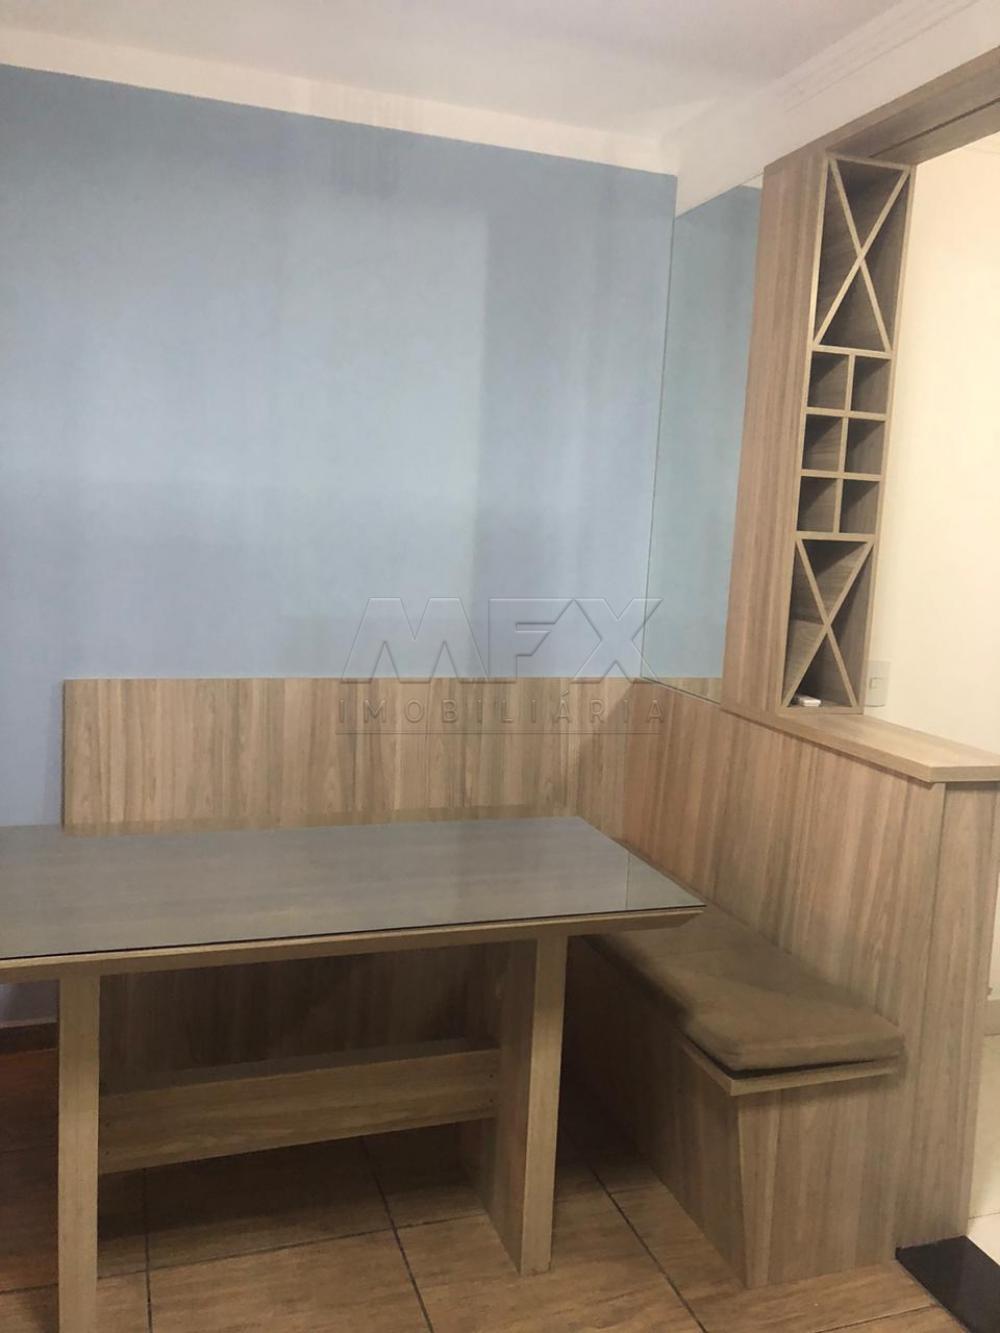 Alugar Apartamento / Padrão em Bauru R$ 800,00 - Foto 14